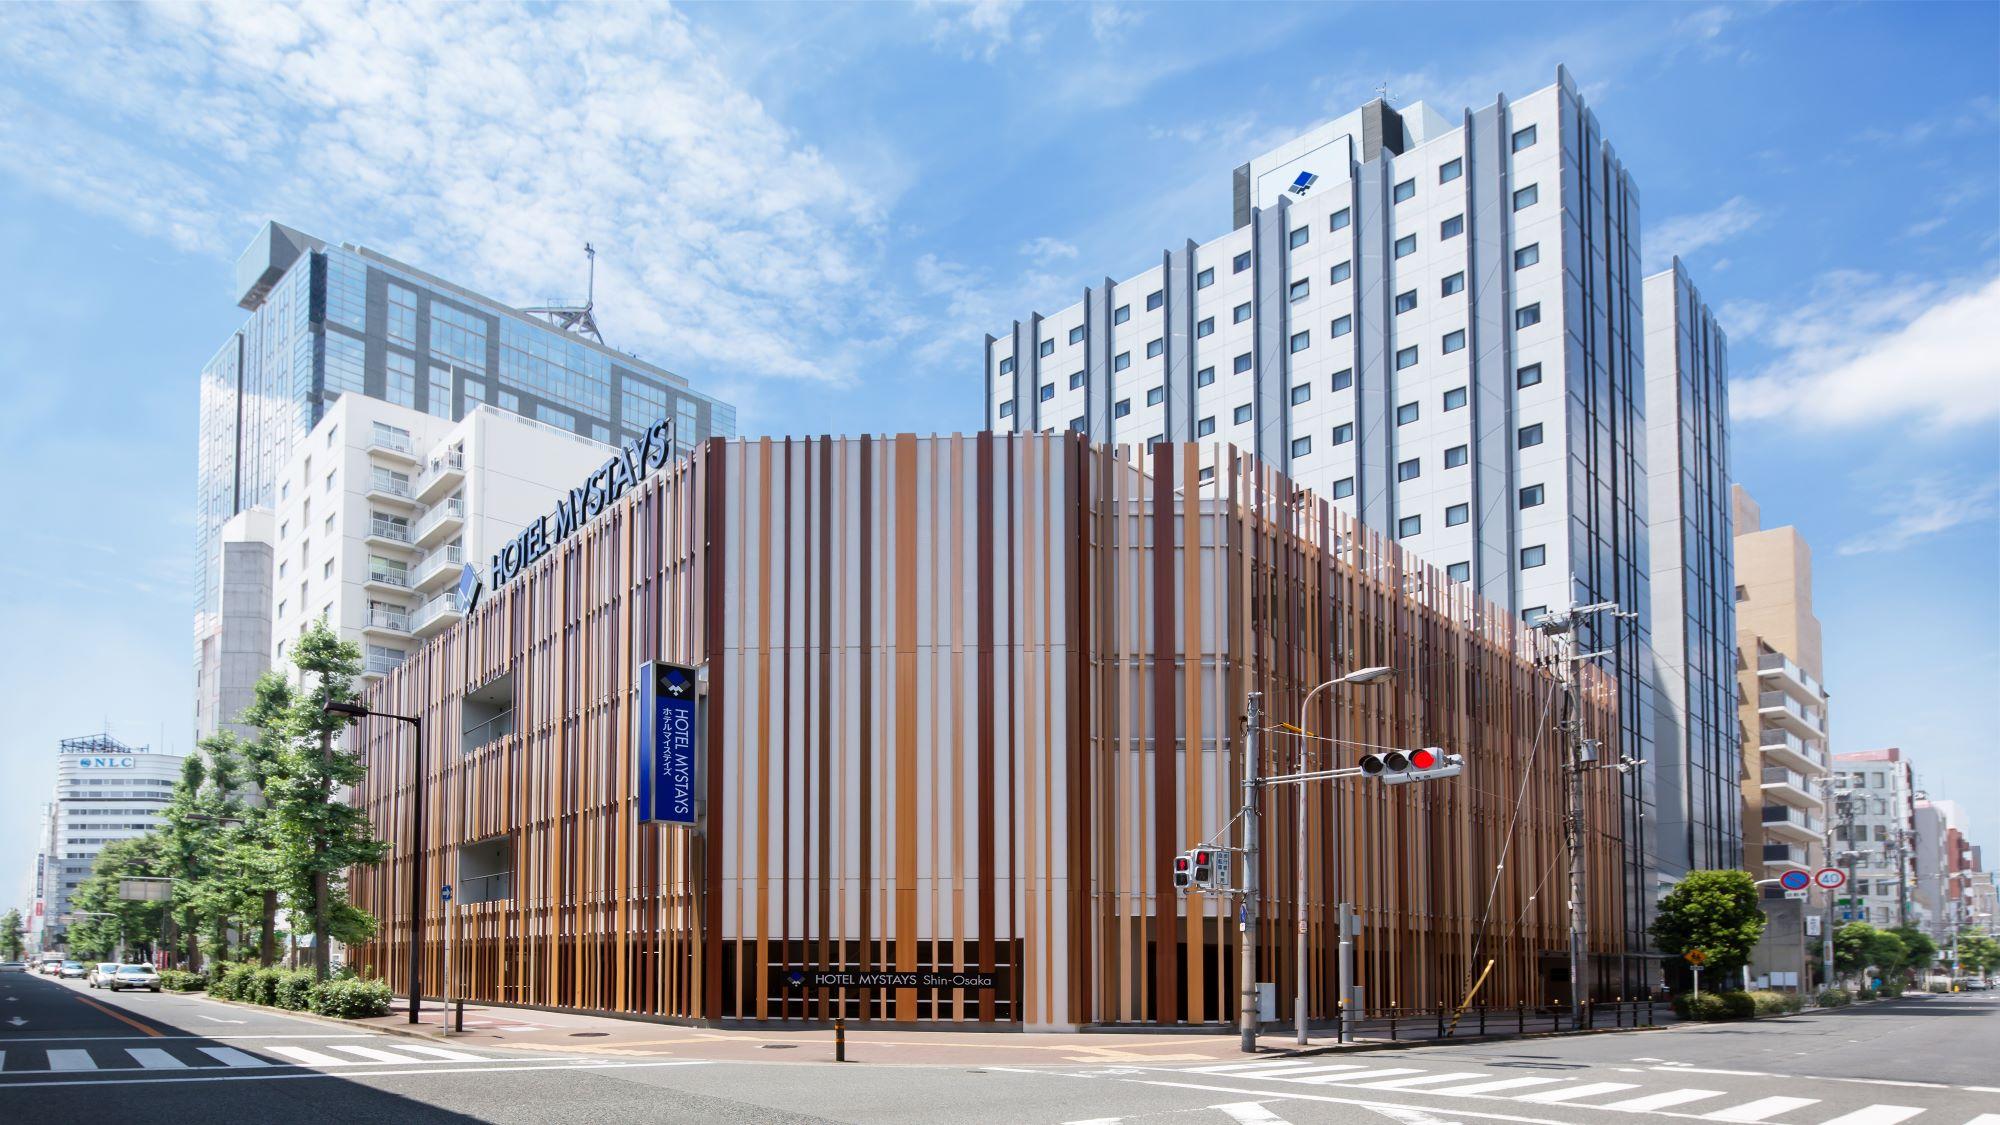 ホテル マイステイズ 新大阪 コンファレンス センター◆楽天トラベル